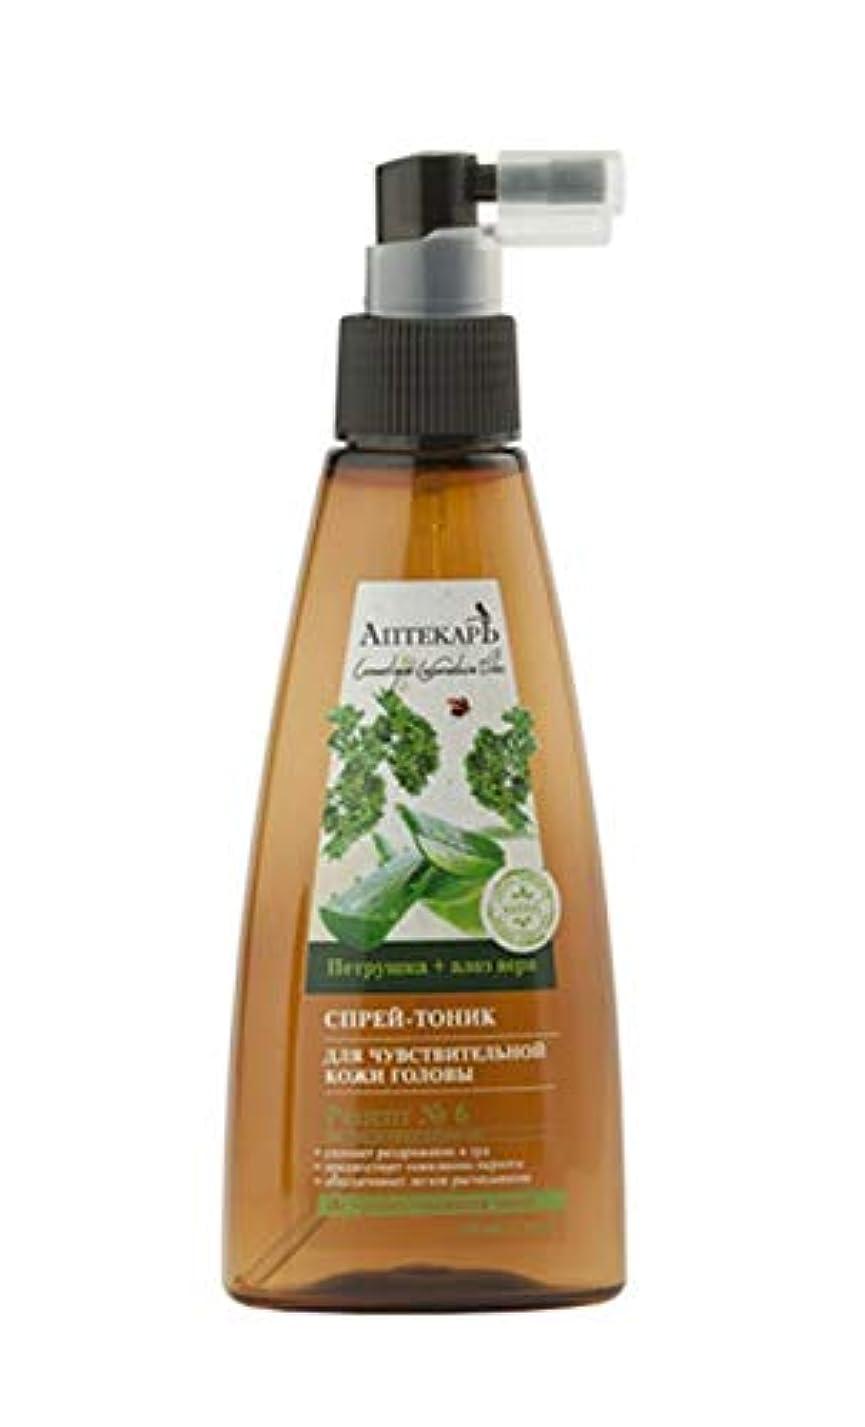 パーツ交換真っ逆さまBielita & Vitex | Chemist Line | Spray tonic for sensitive scalp | Parsley | Aloe vera | Recipe number 6 | 150 ml